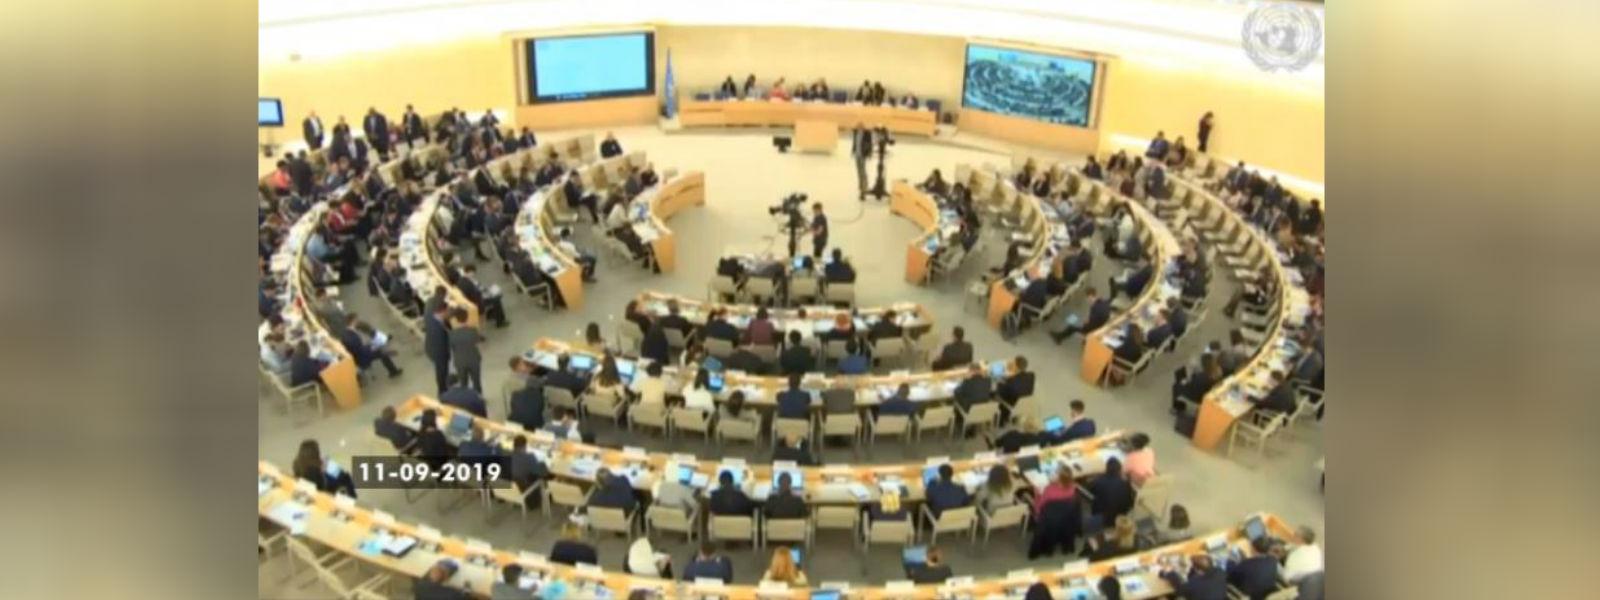 ஷவேந்திர சில்வாவின் நியமனம் குறித்து UNHRC இல் அவதானம்